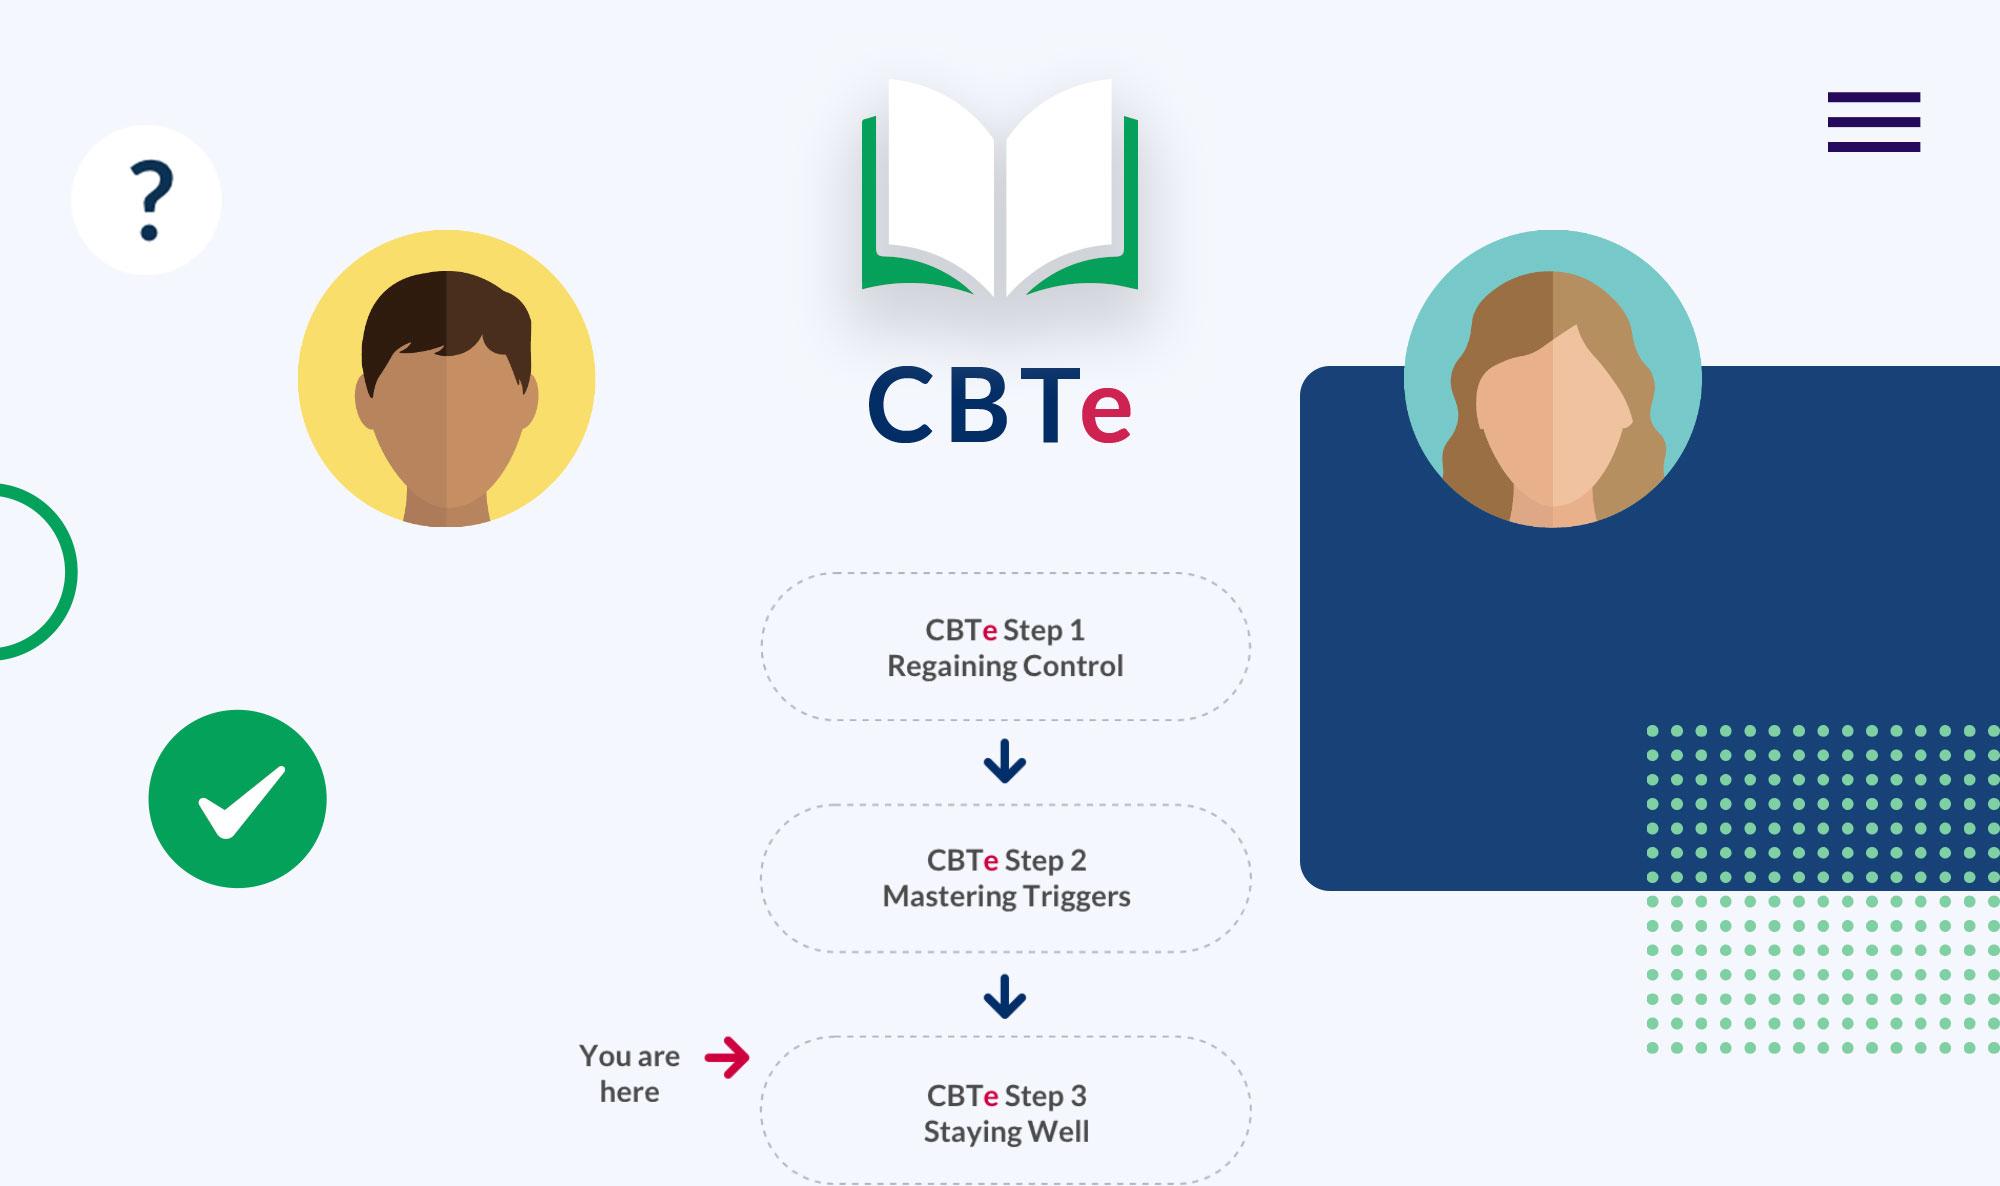 CBTe Steps